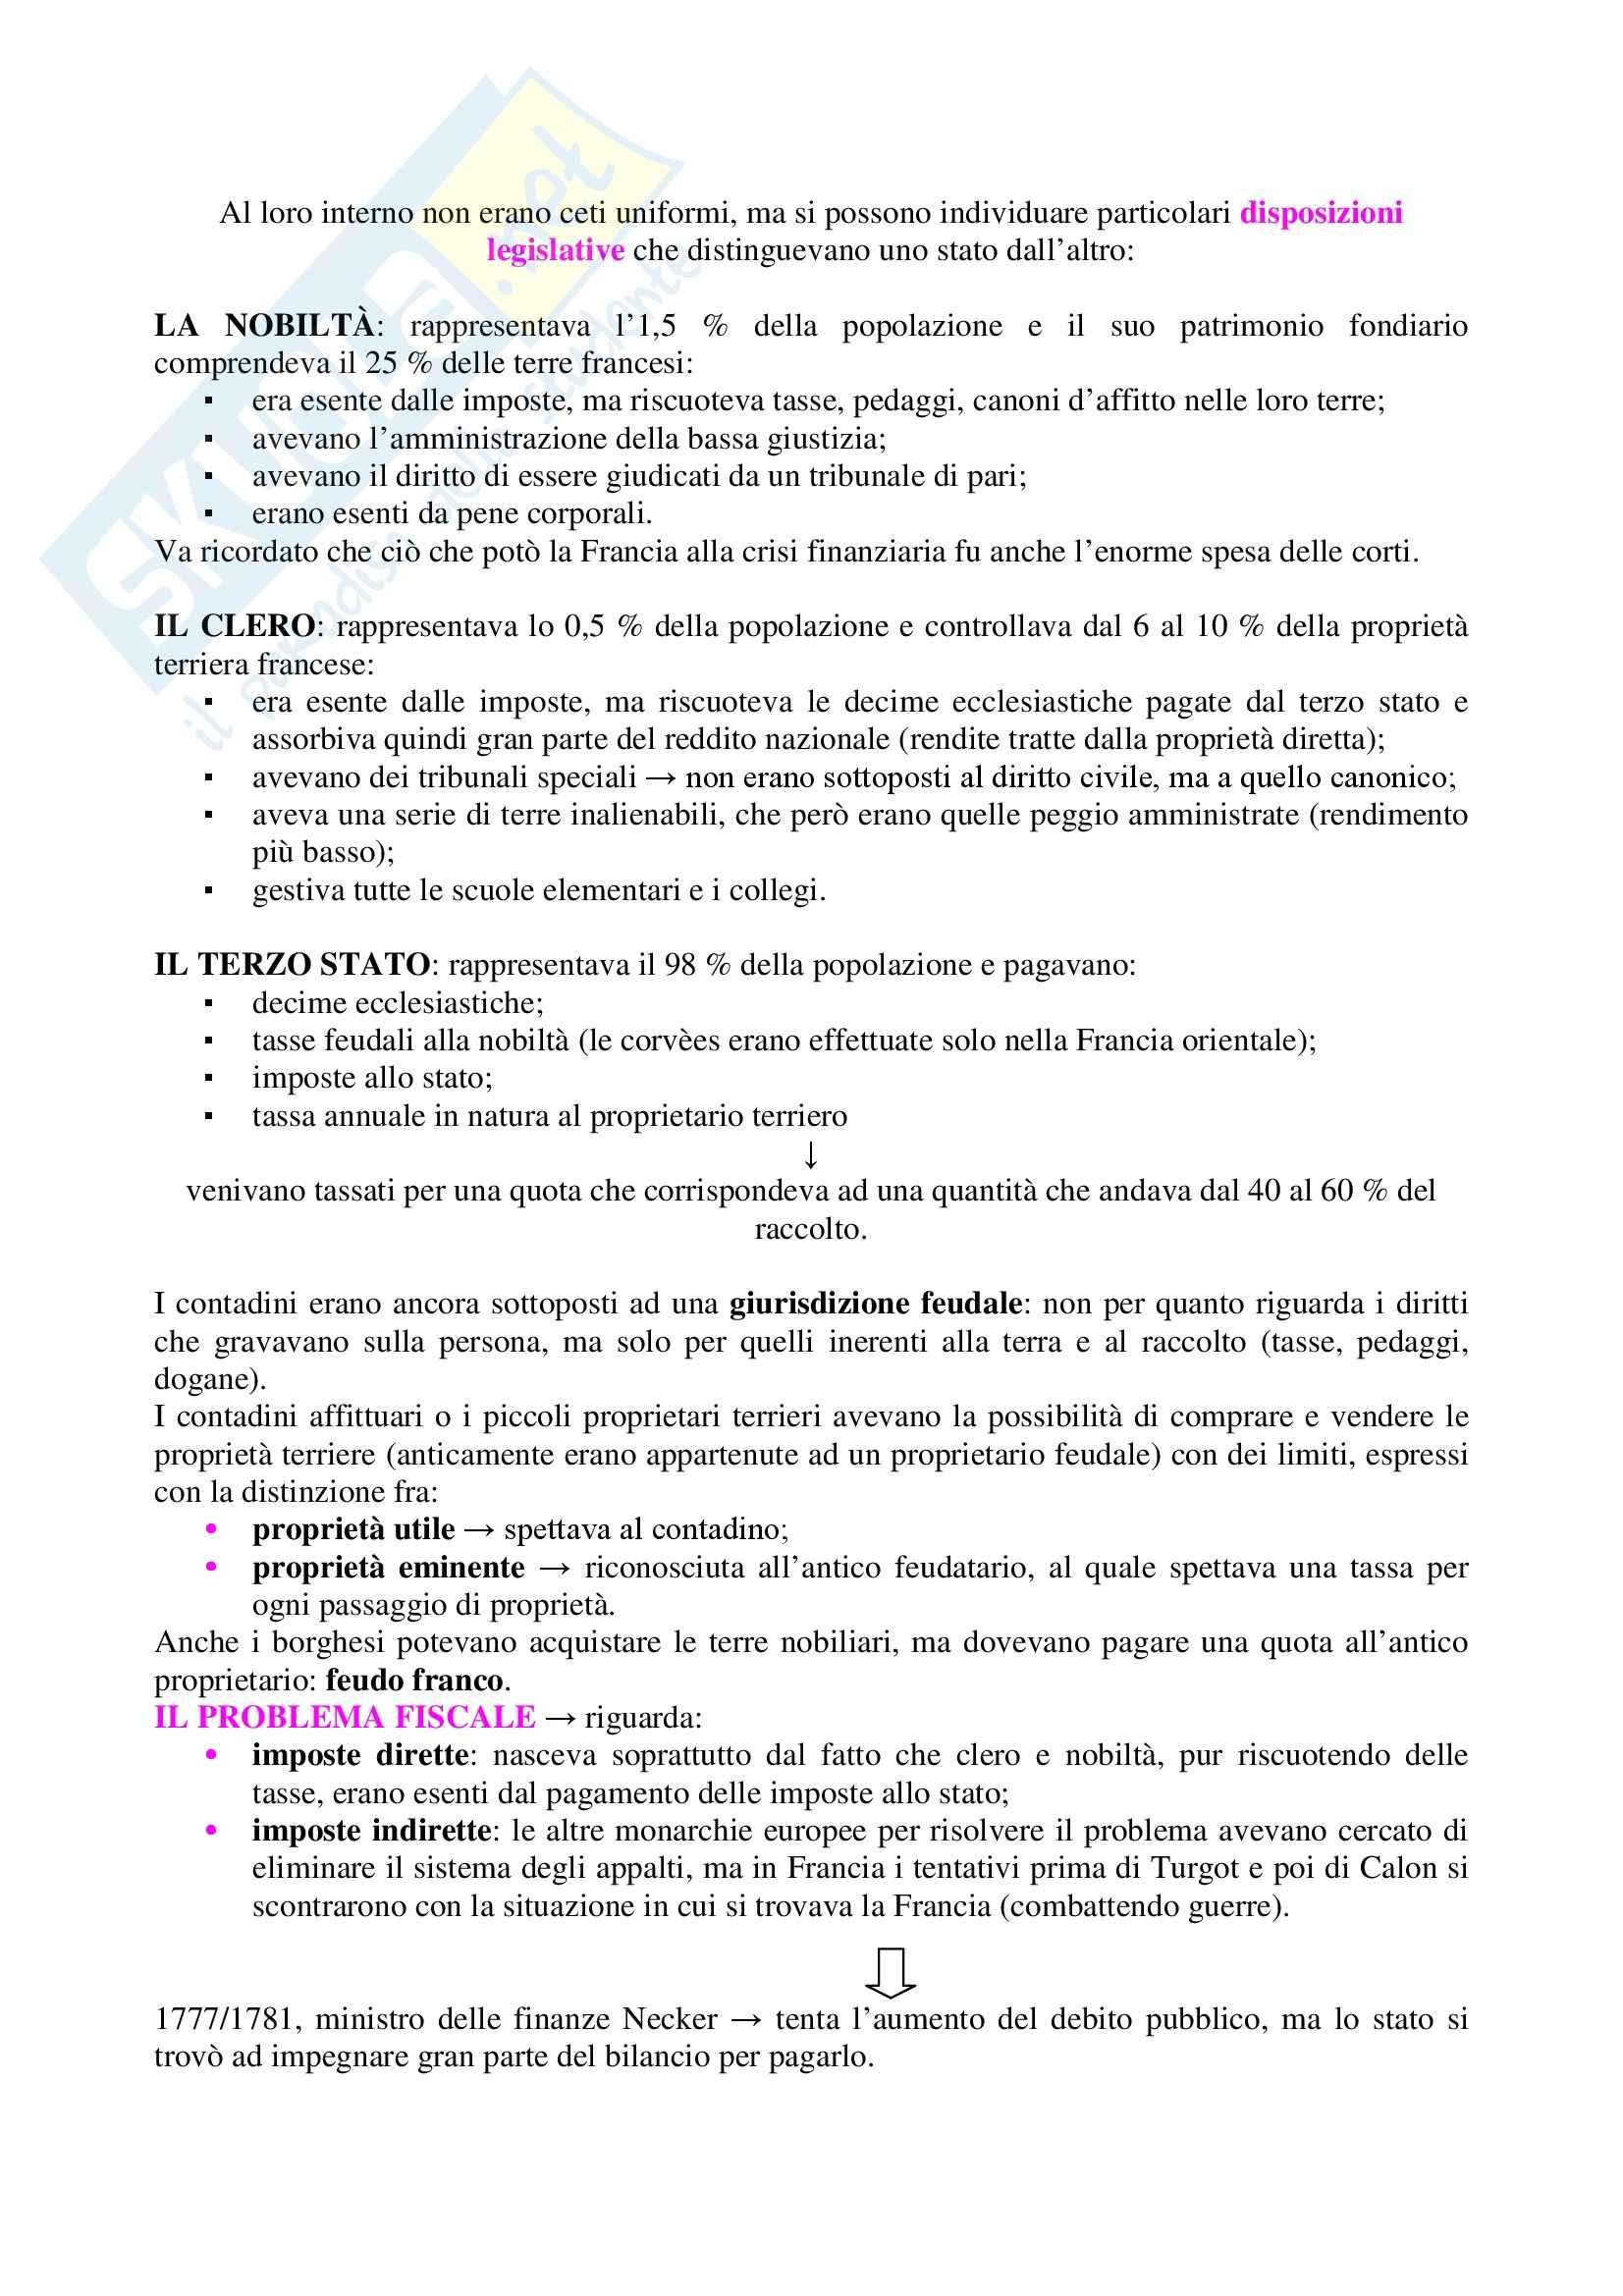 Storia contemporanea - Rivoluzione francese e Impero napoleonico Pag. 2